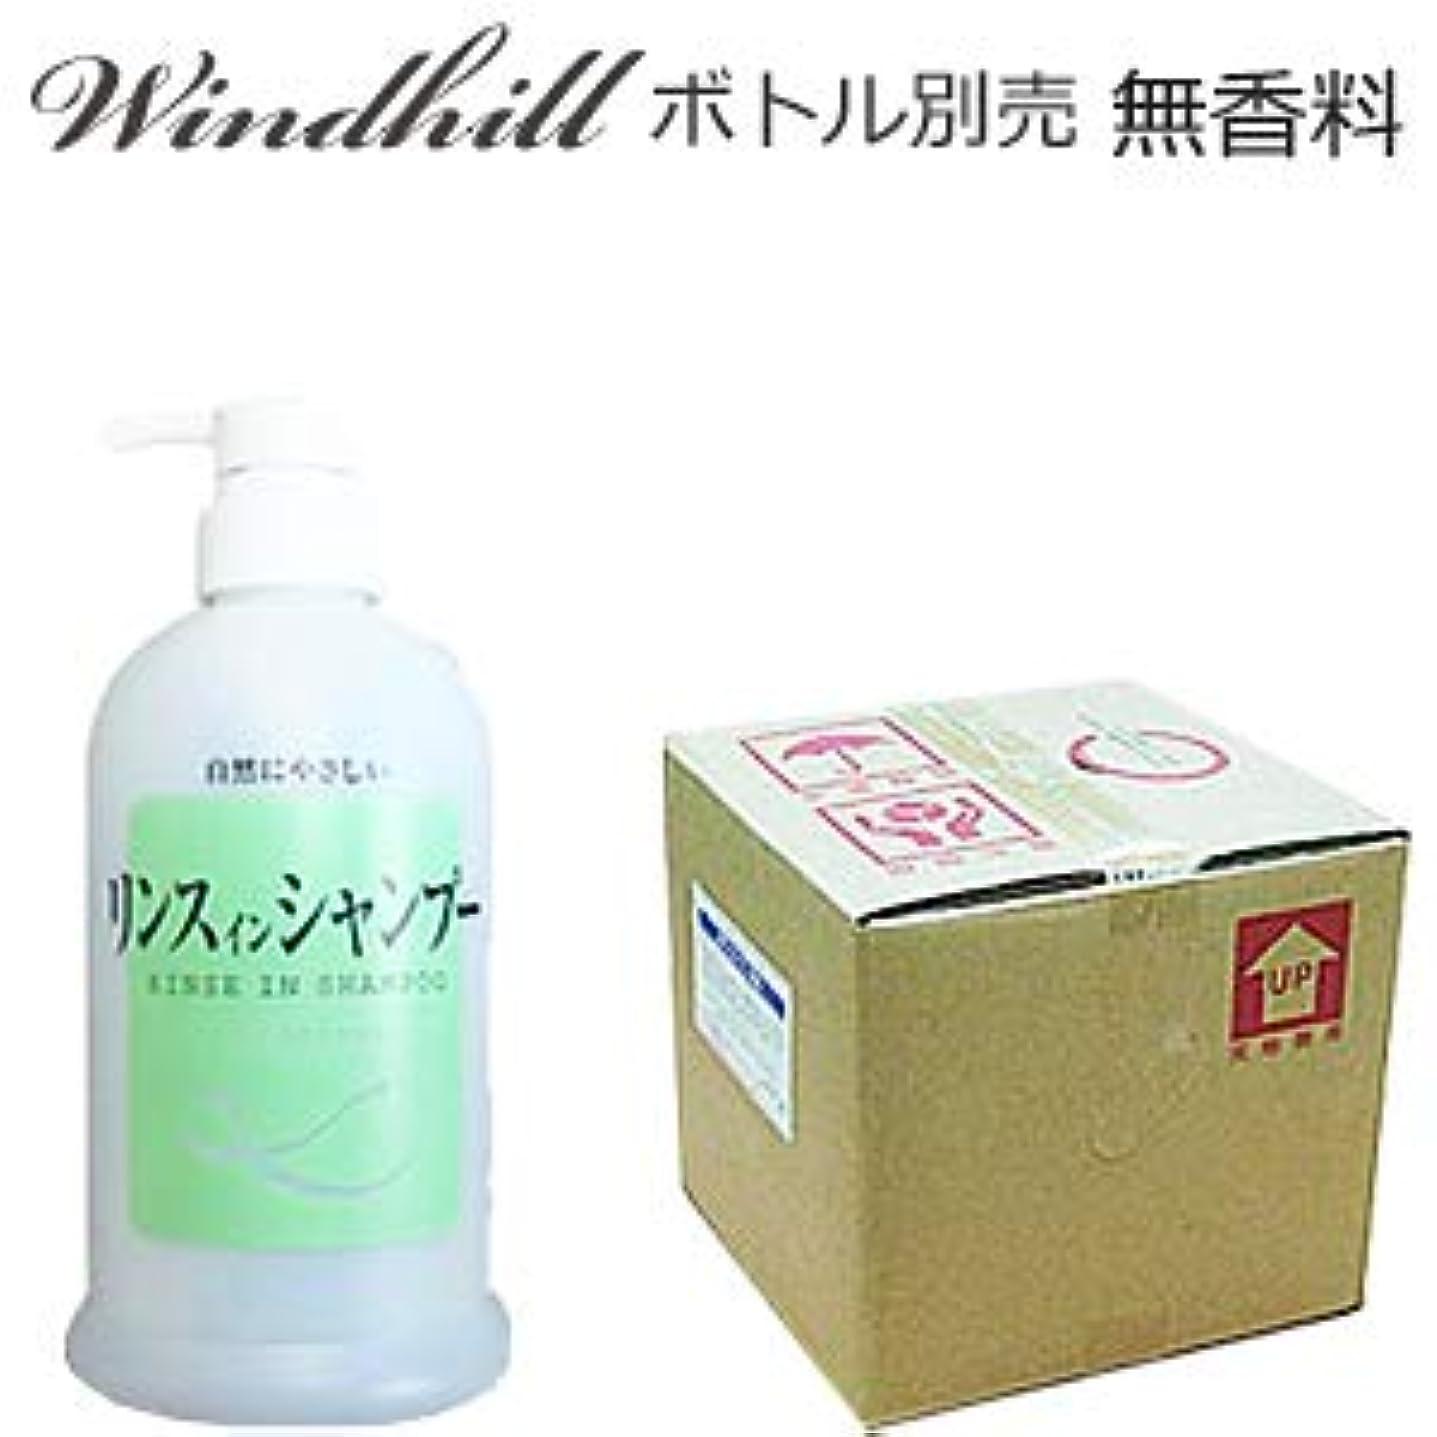 アラブ人暗いに対してWindhill 植物性 業務用ボディソープ 無香料 20L(1セット20L入)